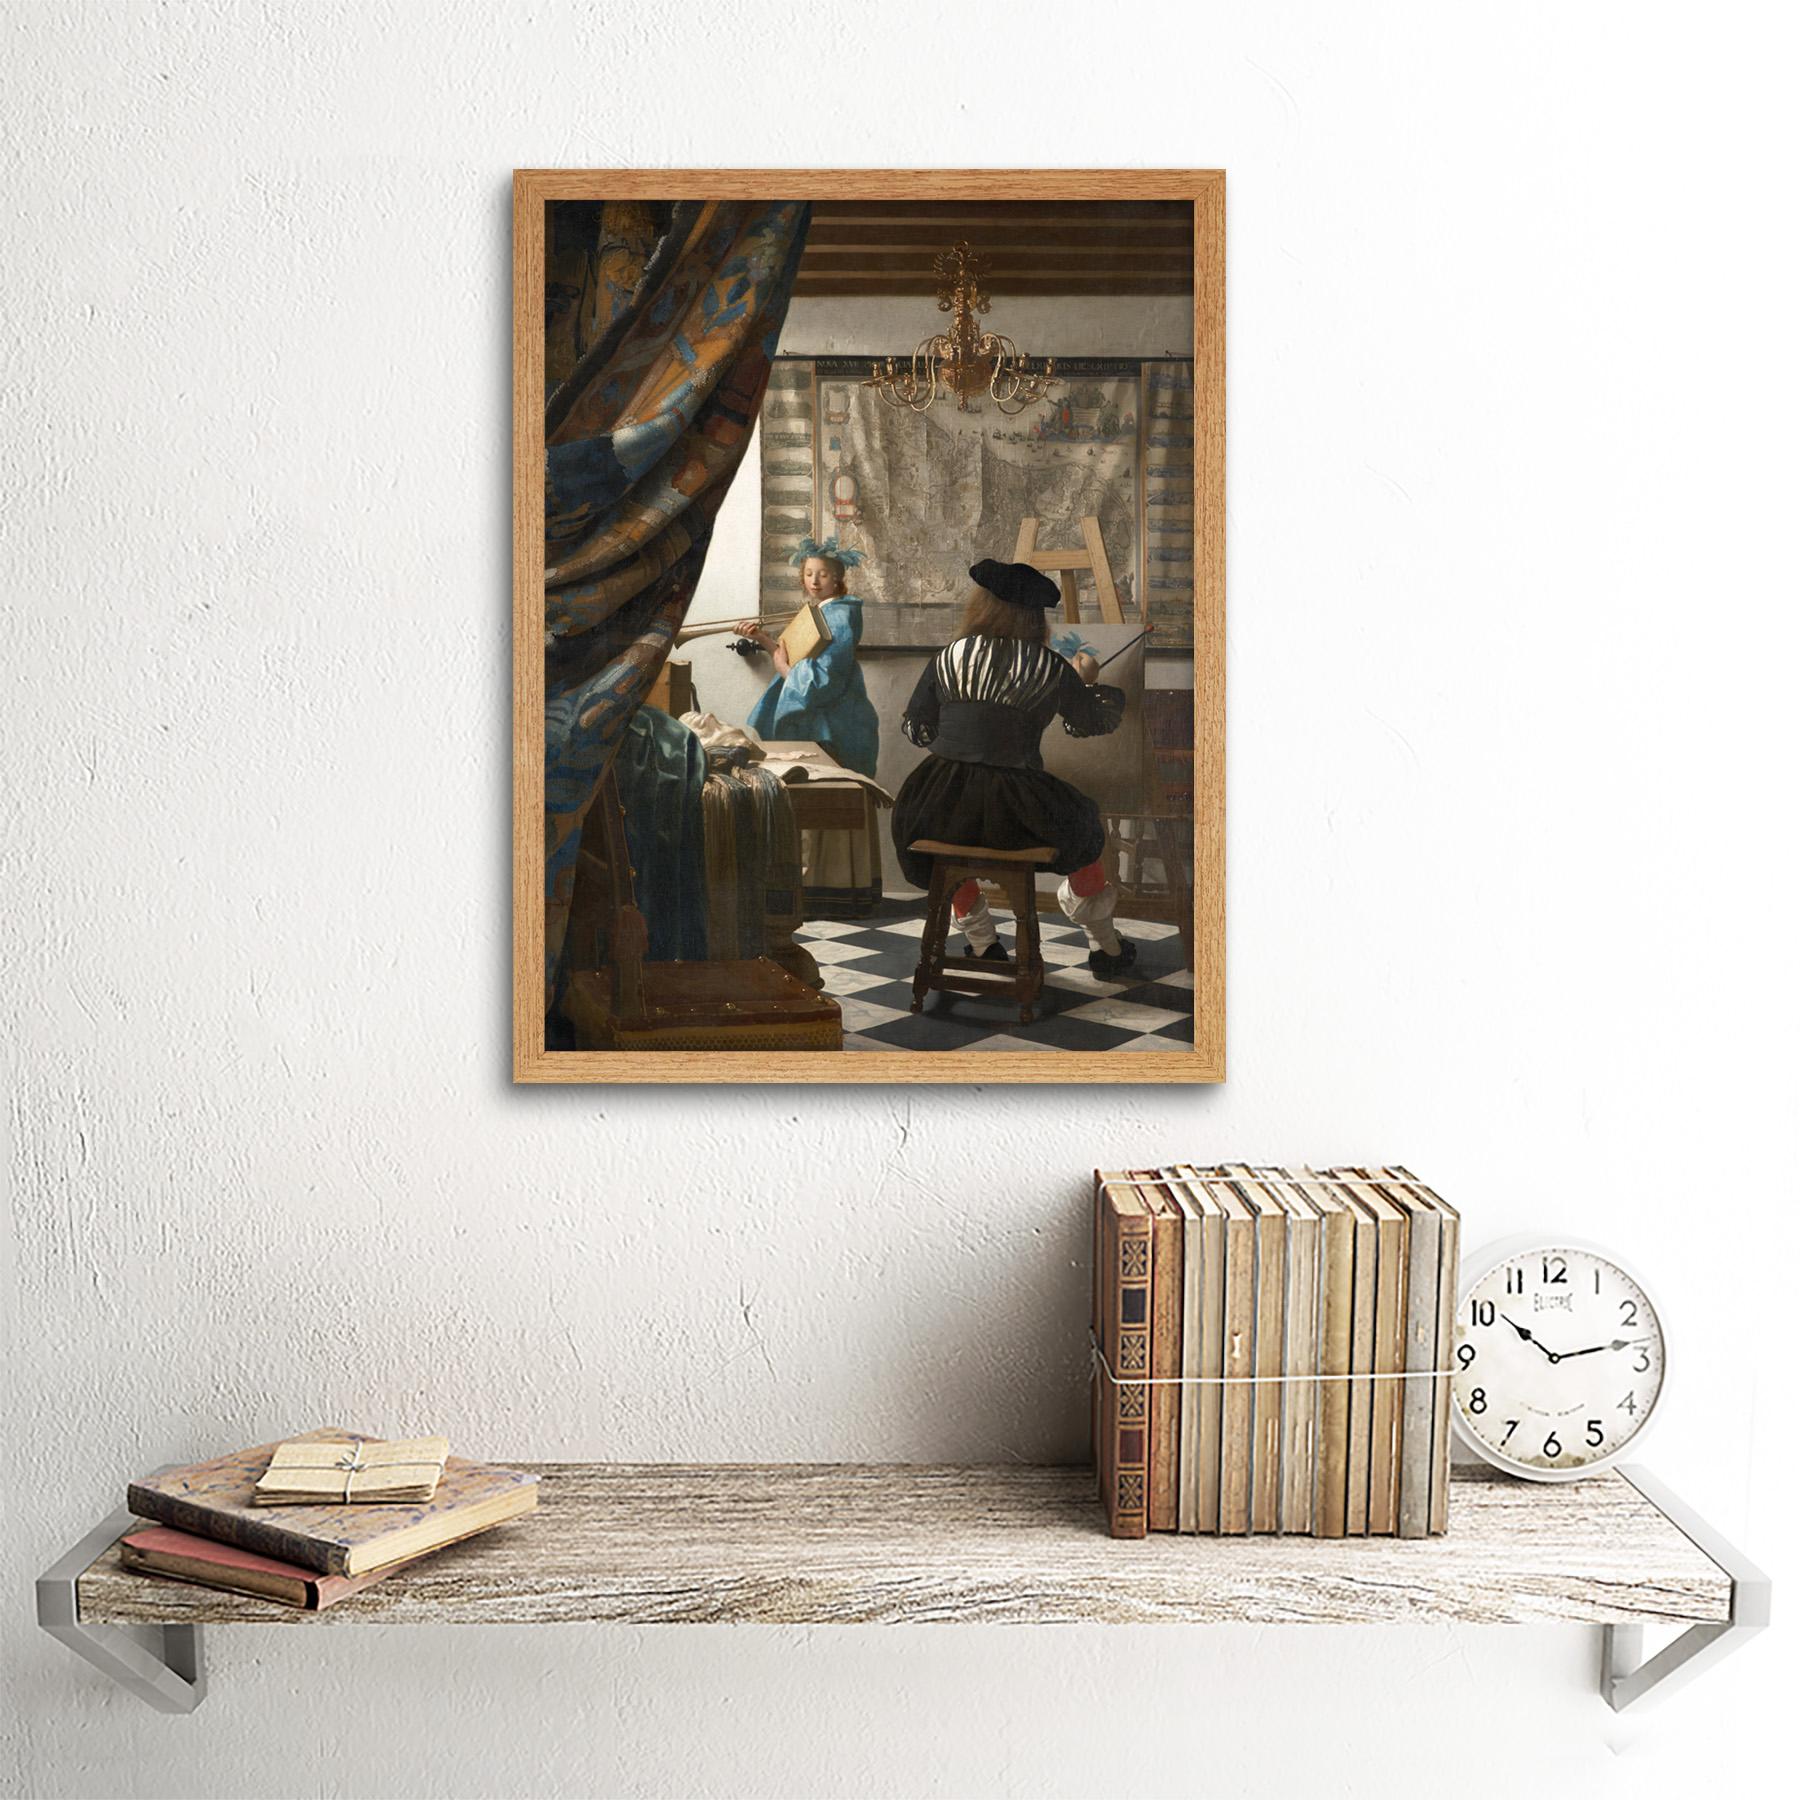 Jan-Vermeer-The-Art-Of-Painting-Art-Print-Framed-12x16 thumbnail 13